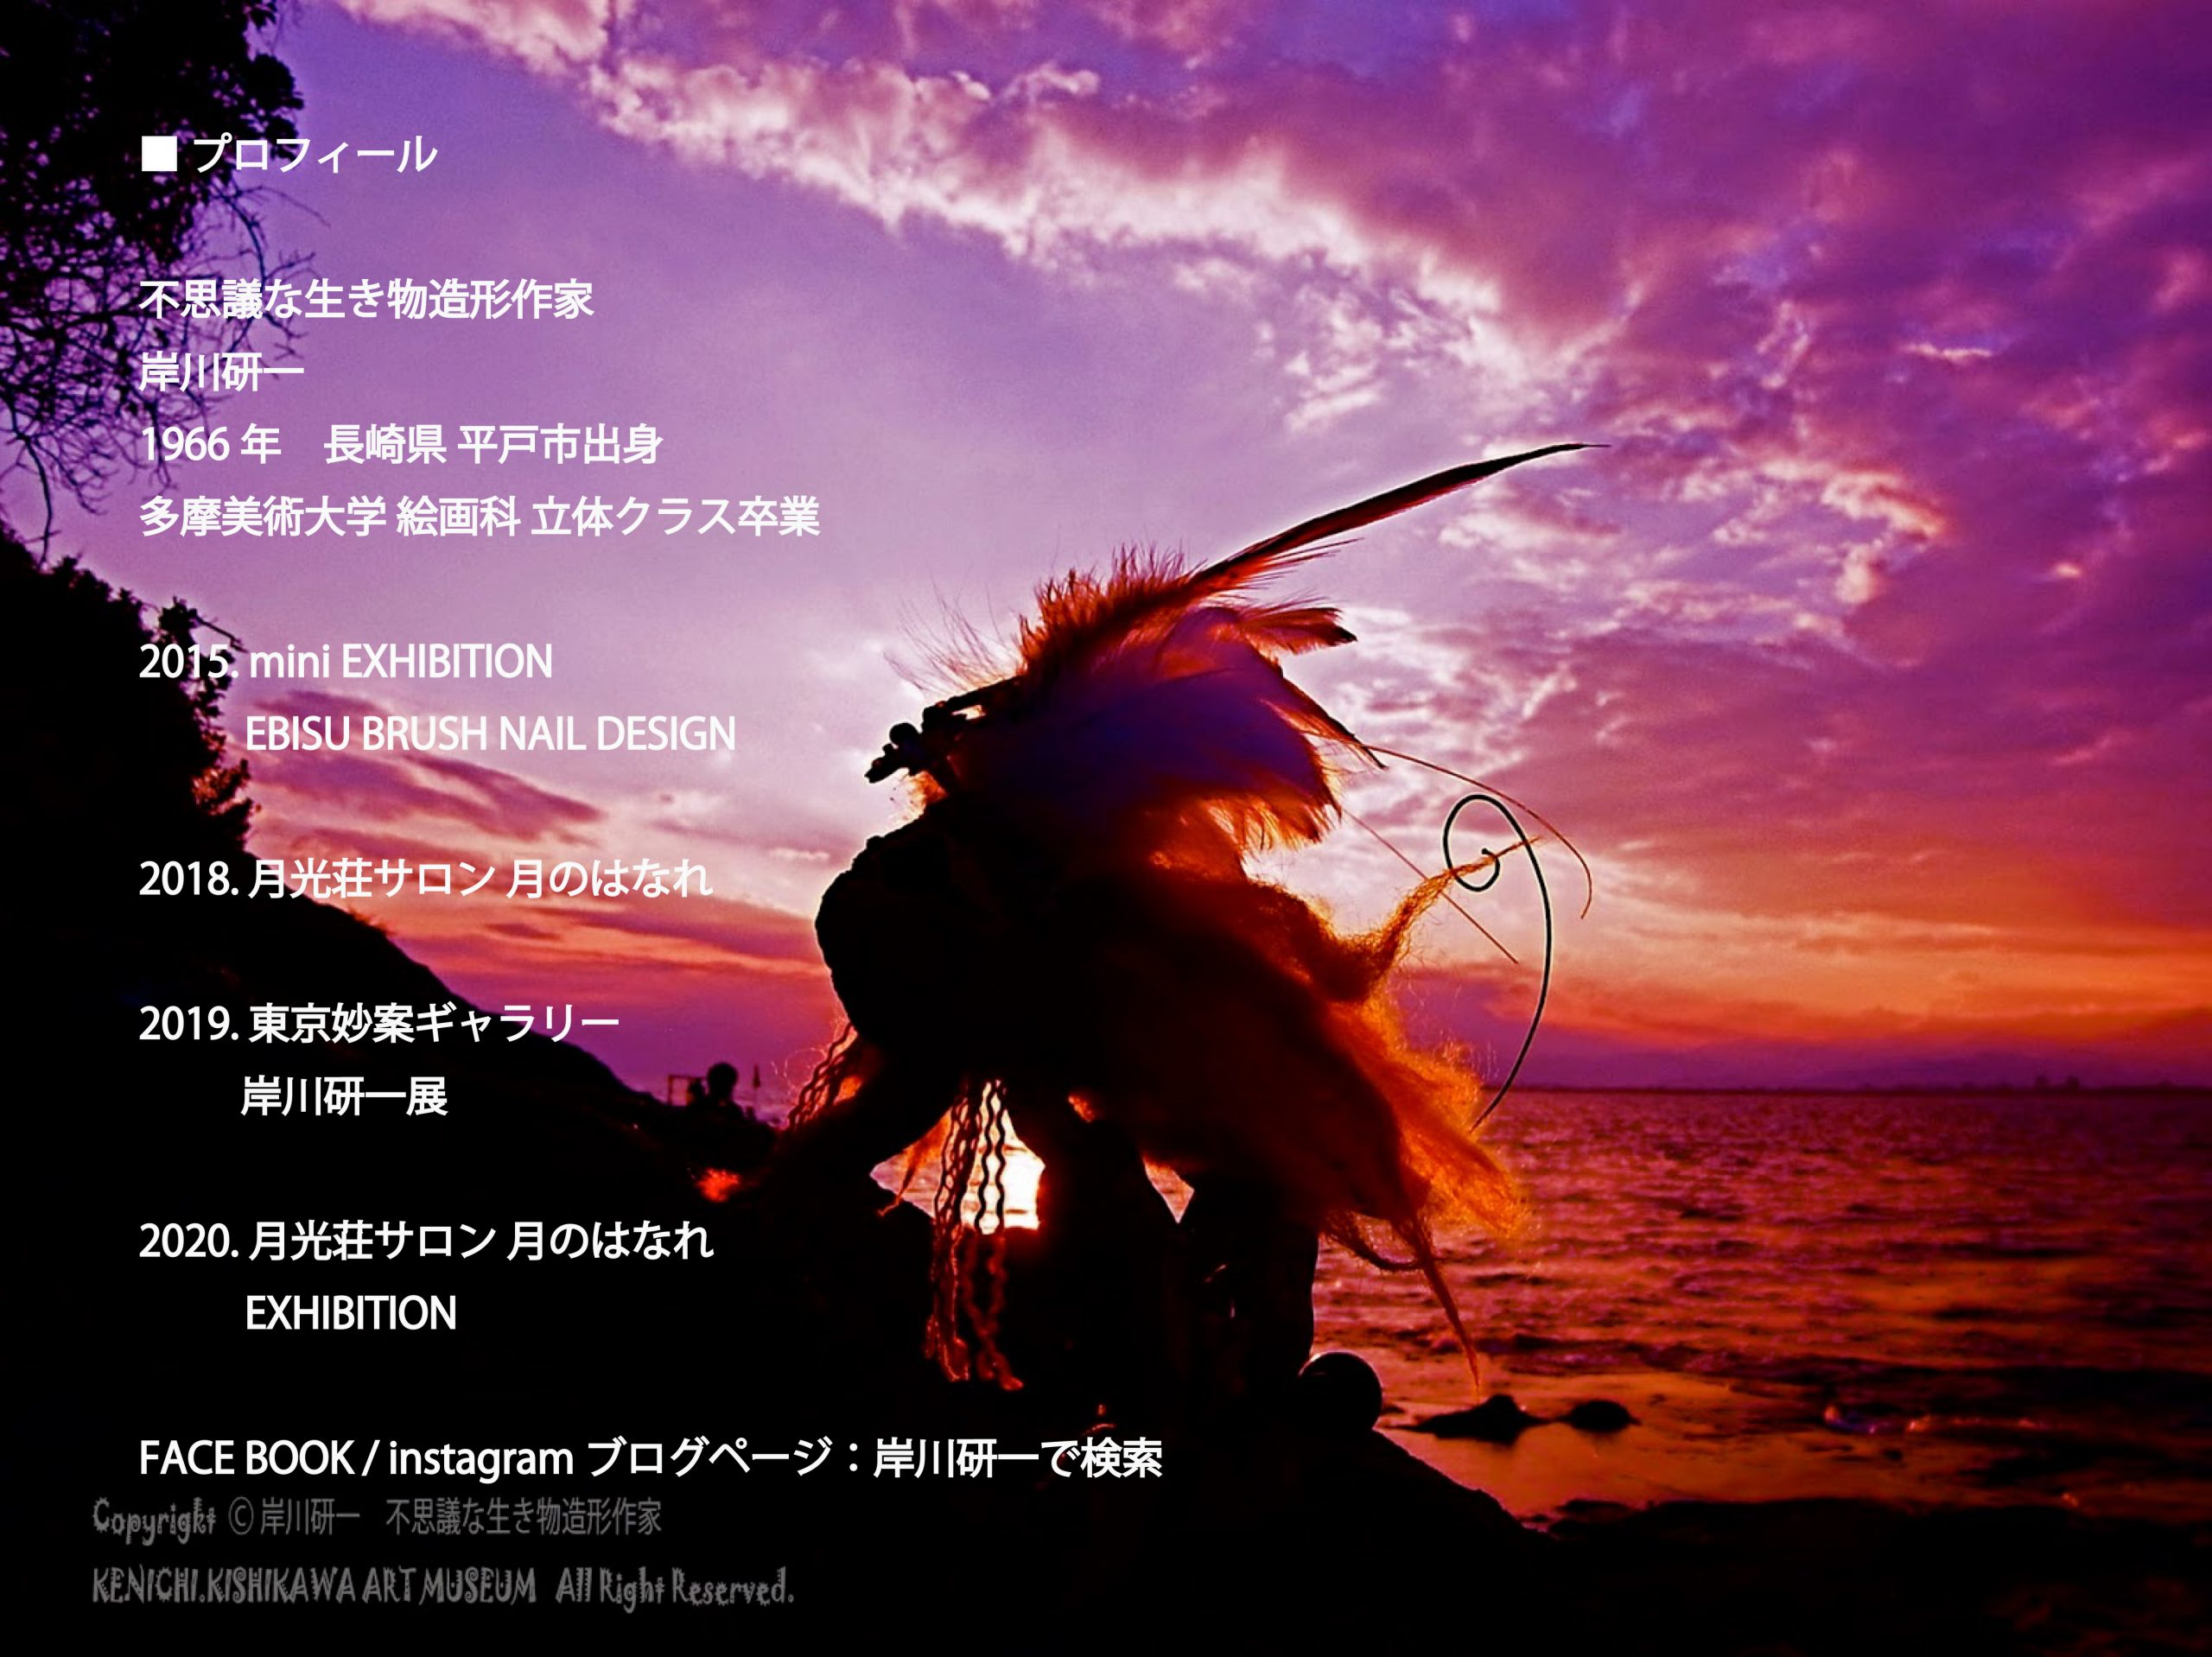 岸川研一 不思議な生き物造形作家 KENICHI.KISHIKAWA ART MUSEUM